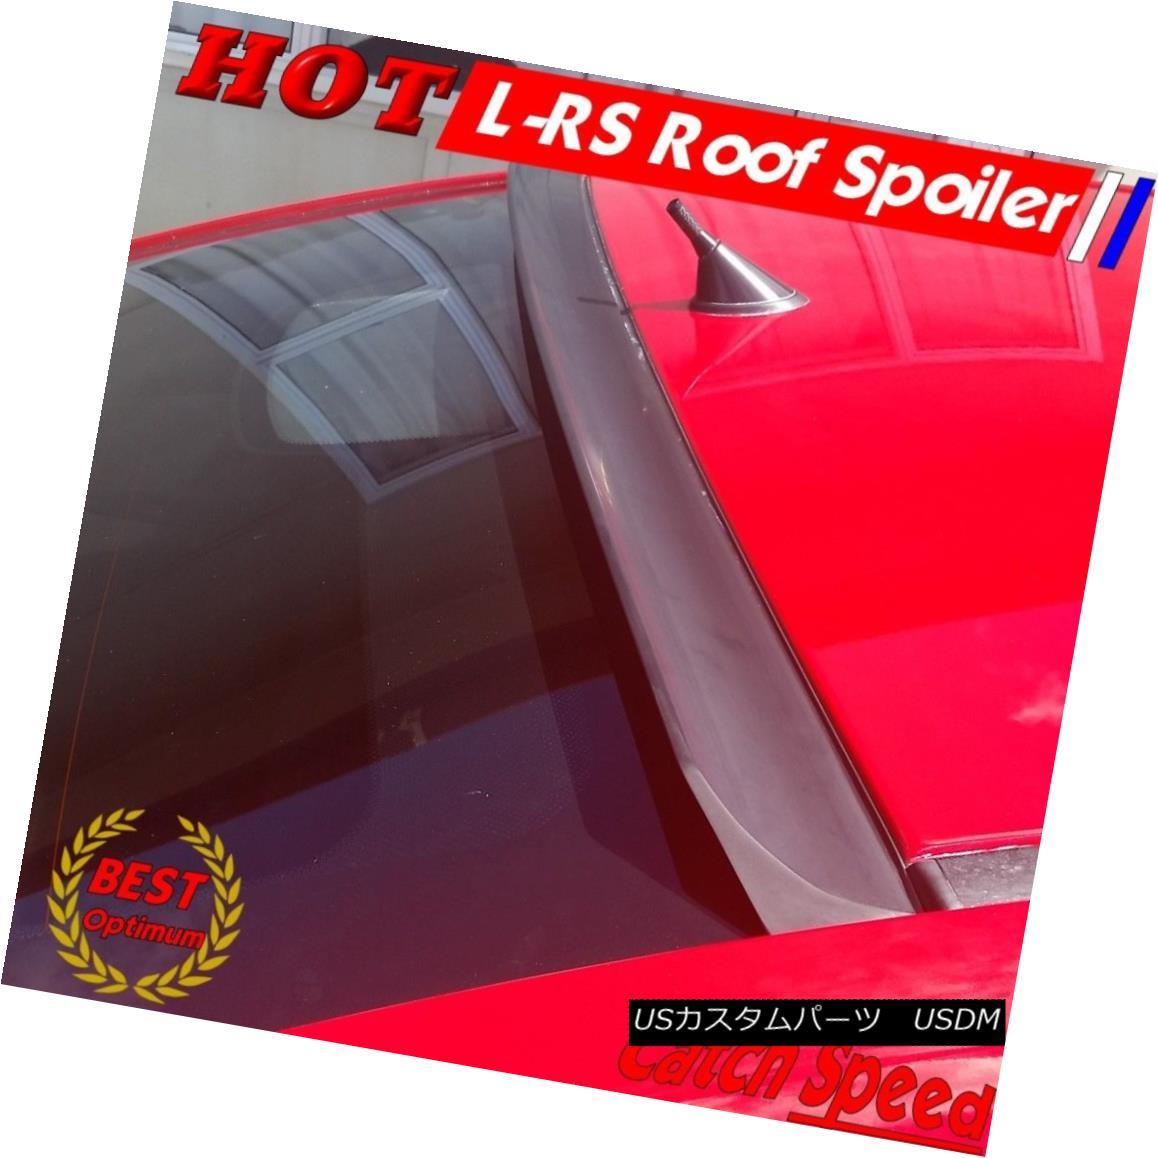 エアロパーツ Flat Black LRS Type Rear Window Roof Spoiler Wing For Audi A4 B7 2006-08 Sedan ? フラットブラックLRSタイプリアウィンドウルーフスポイラーウィングfor Audi A4 B7 2006-08セダン?